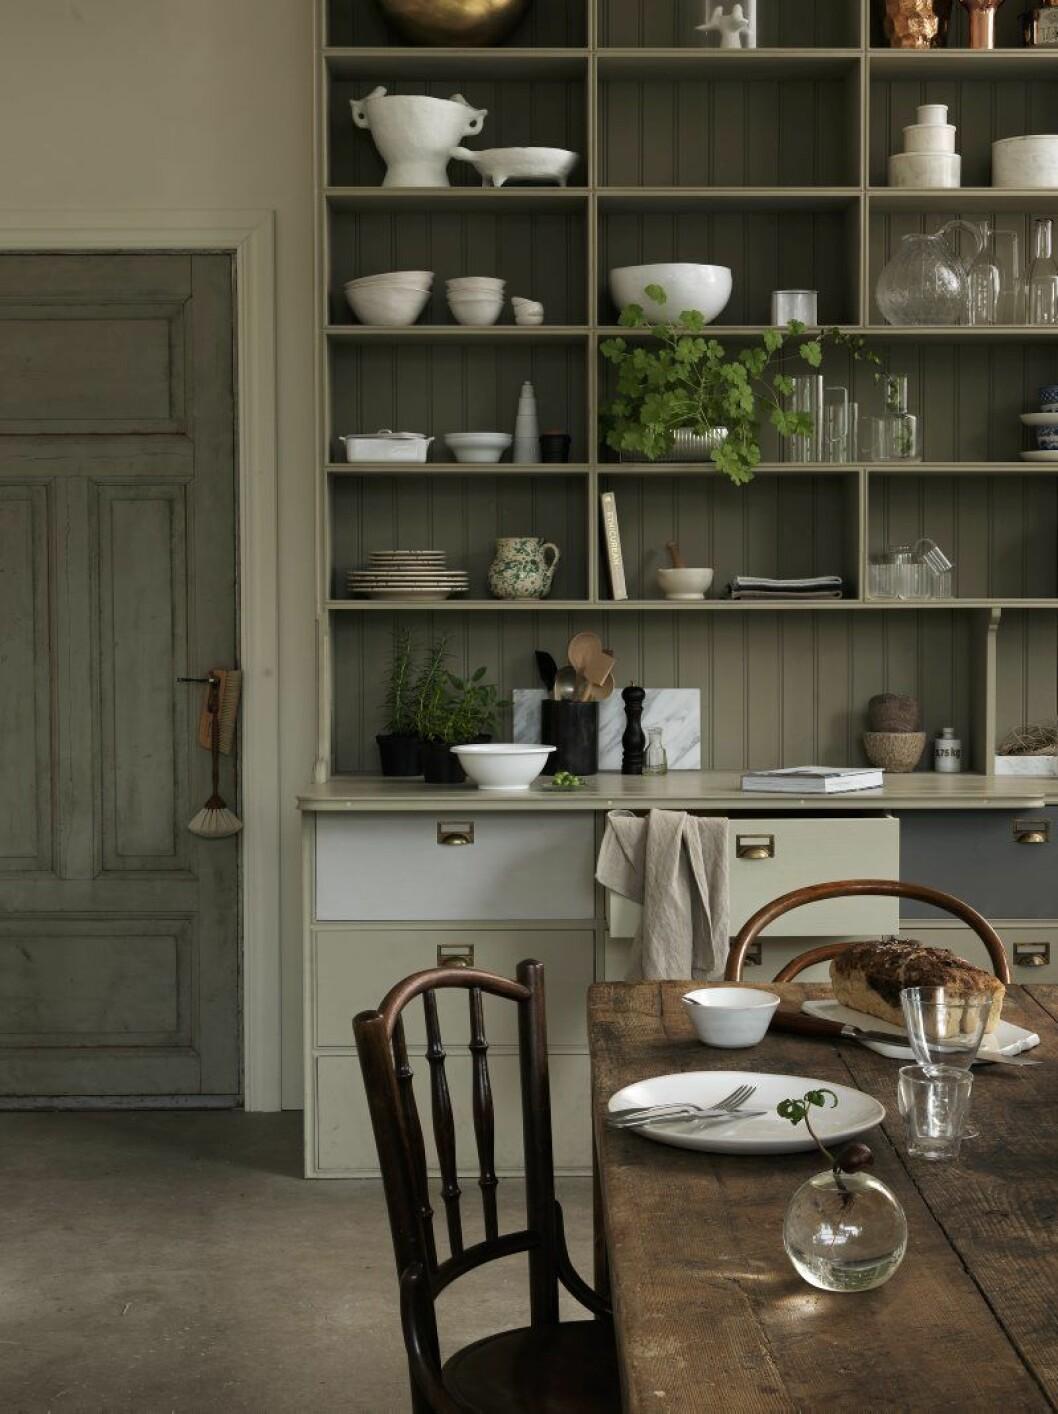 lantkok the kitchen